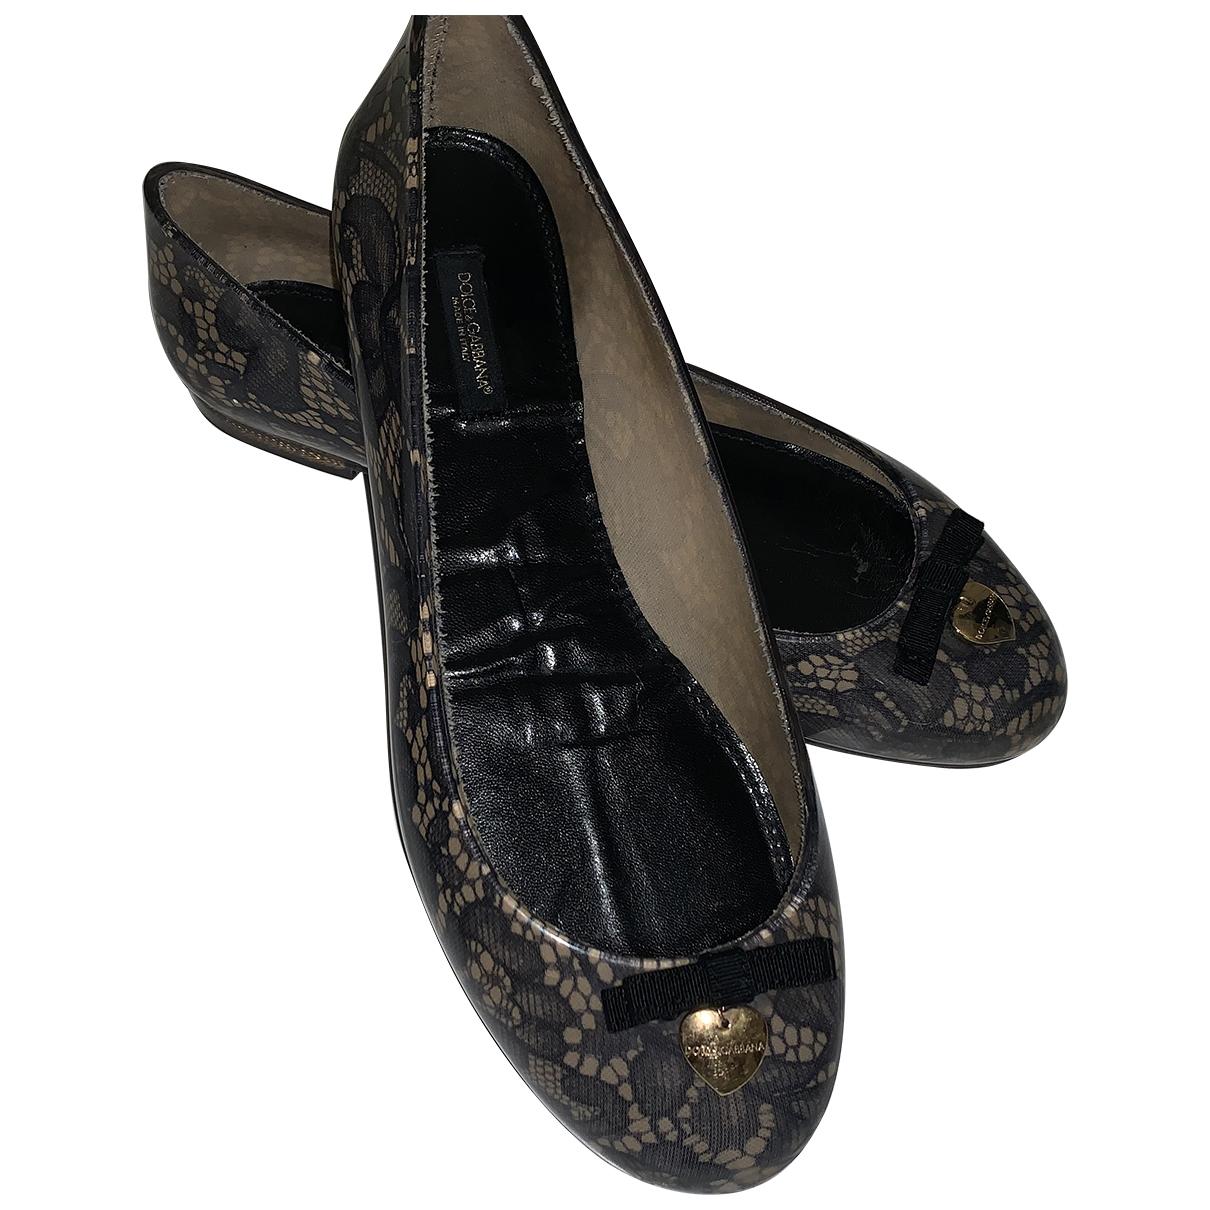 Dolce & Gabbana - Ballerines   pour femme en caoutchouc - noir